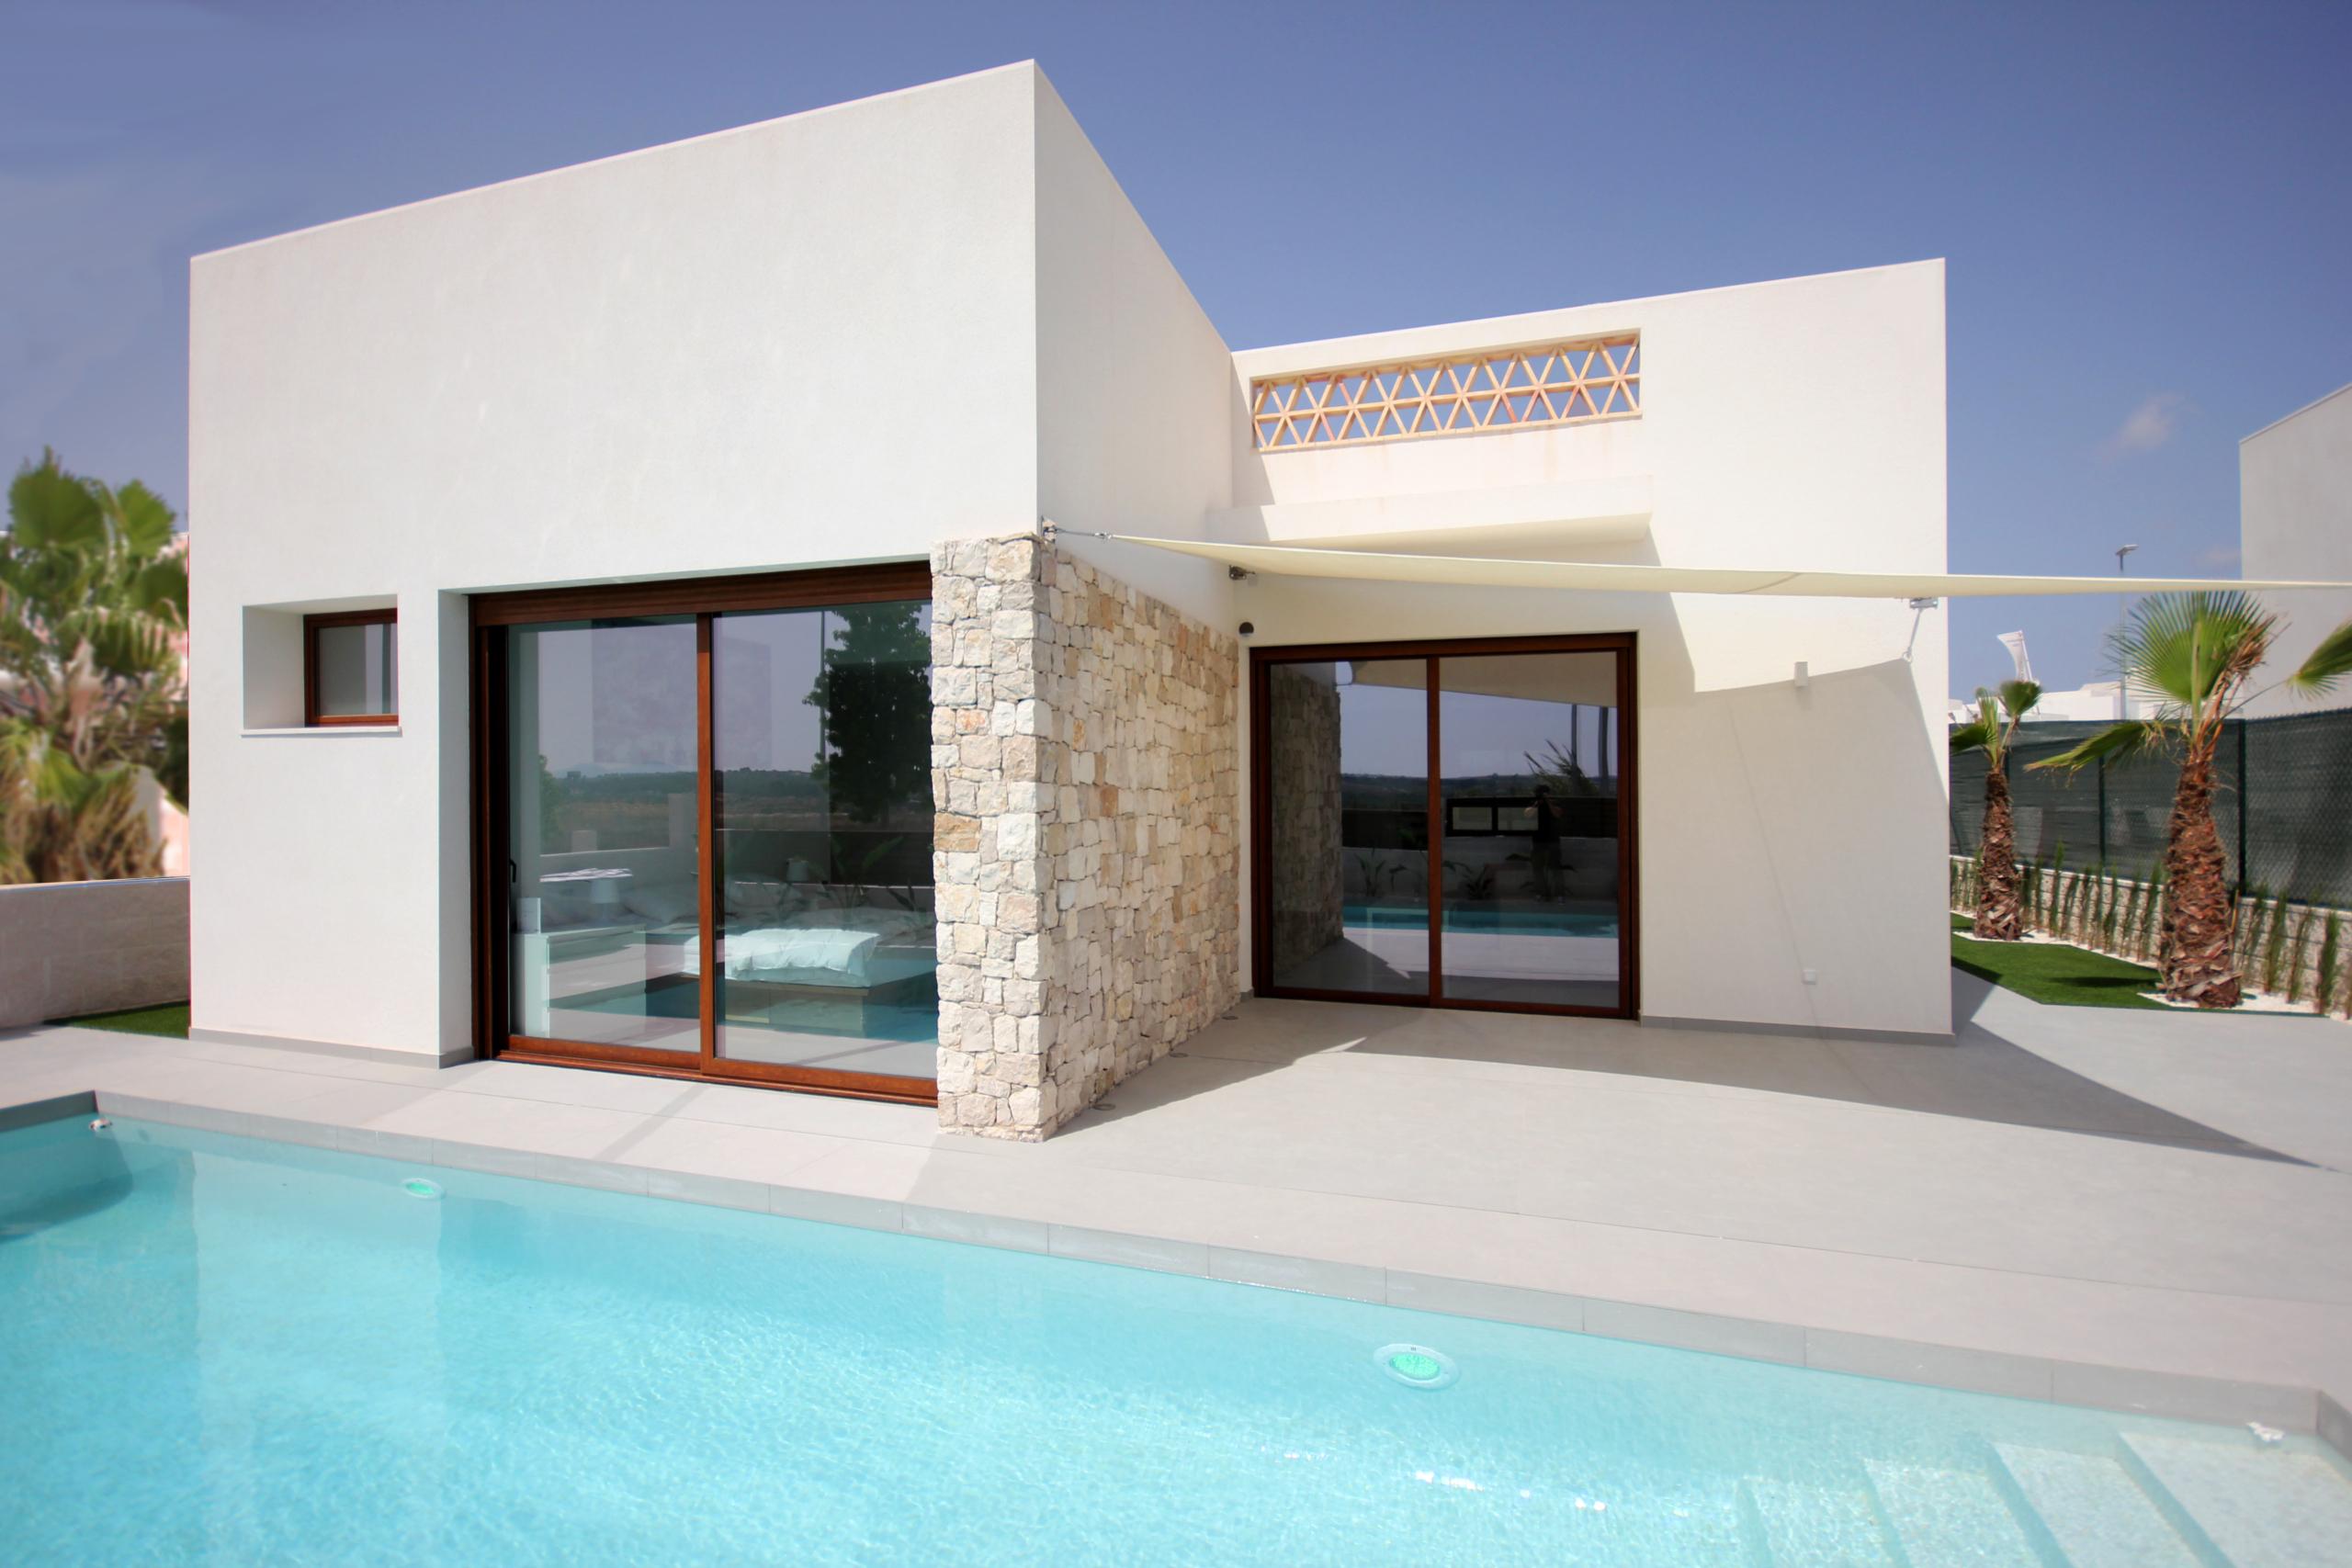 image maison avec piscine à vendre en espagne